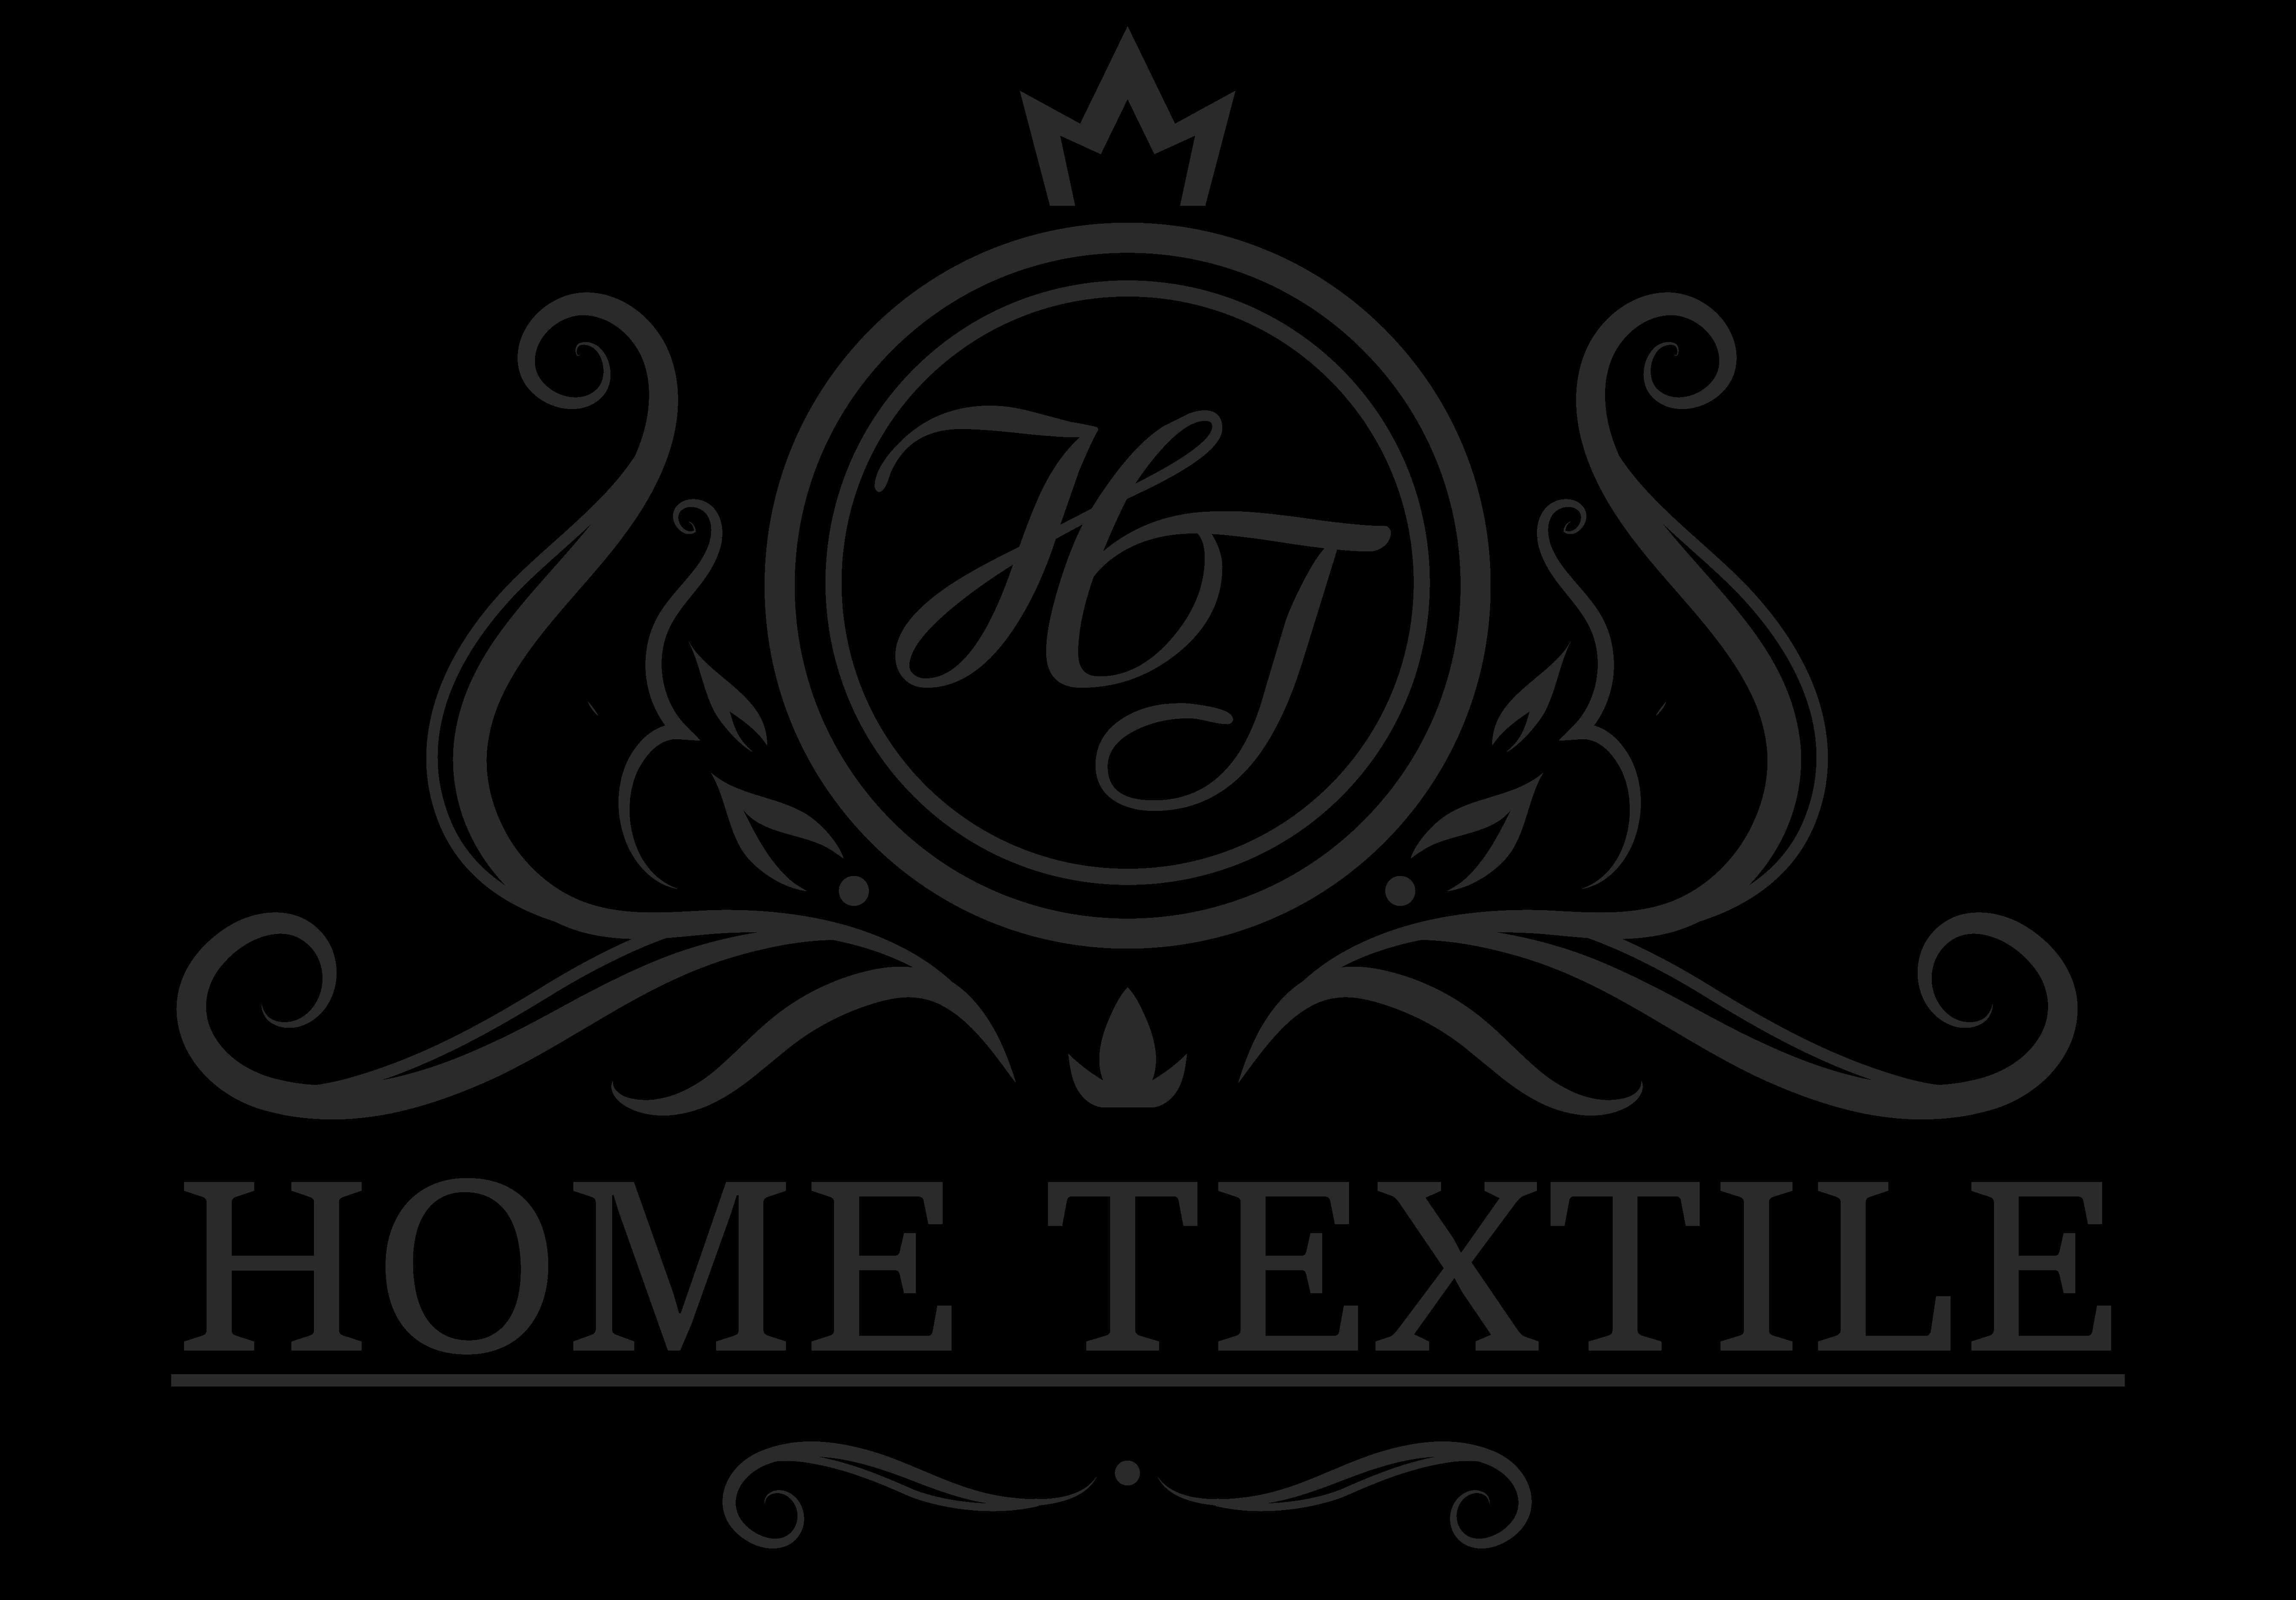 Домашний текстиль купить в Нижнем Новгороде | HOME TEXTILE